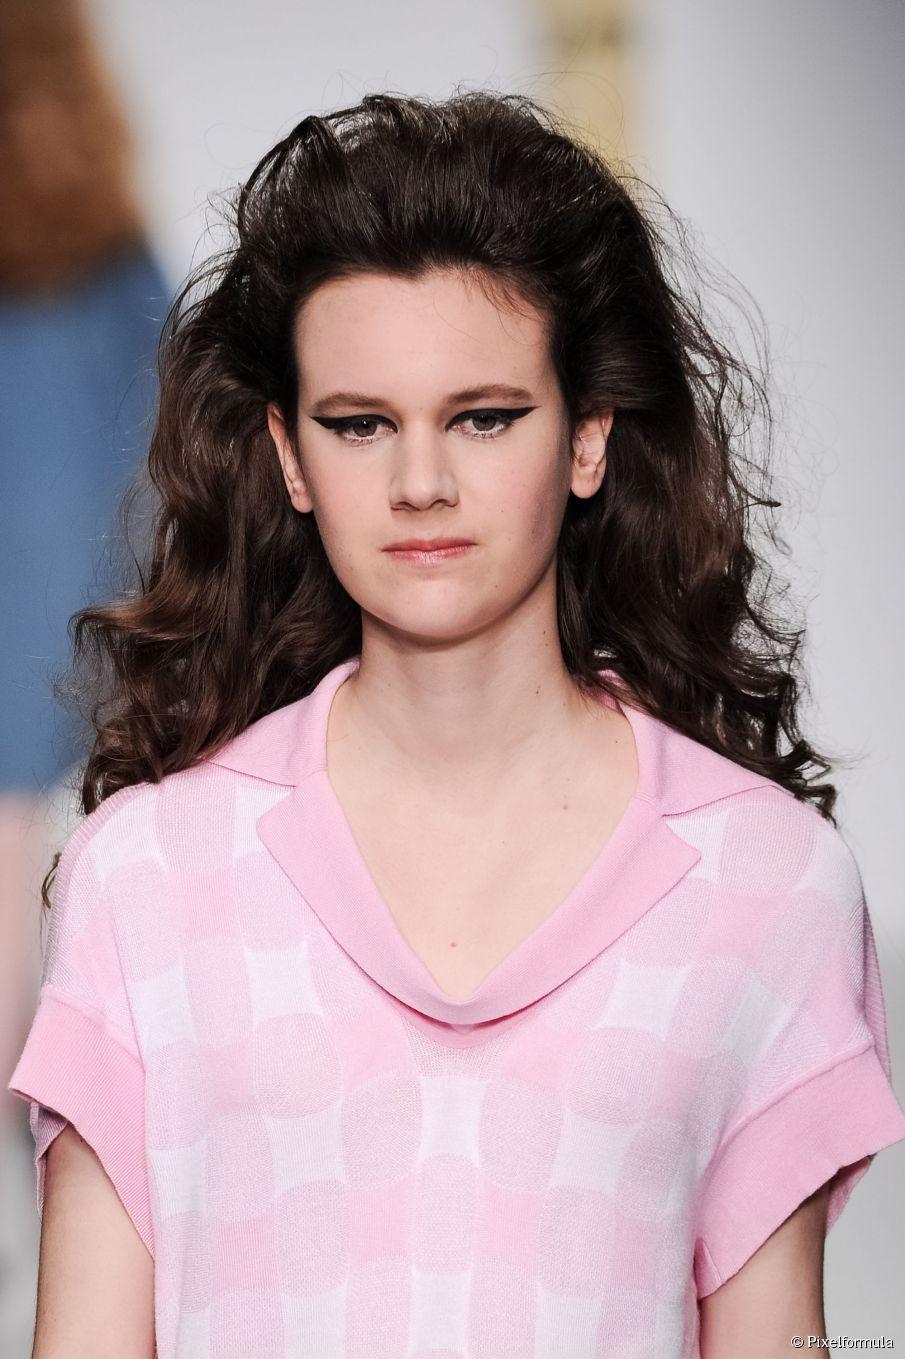 Wochenend-Chic: 5 einfache Frisuren, die jeder machen kann